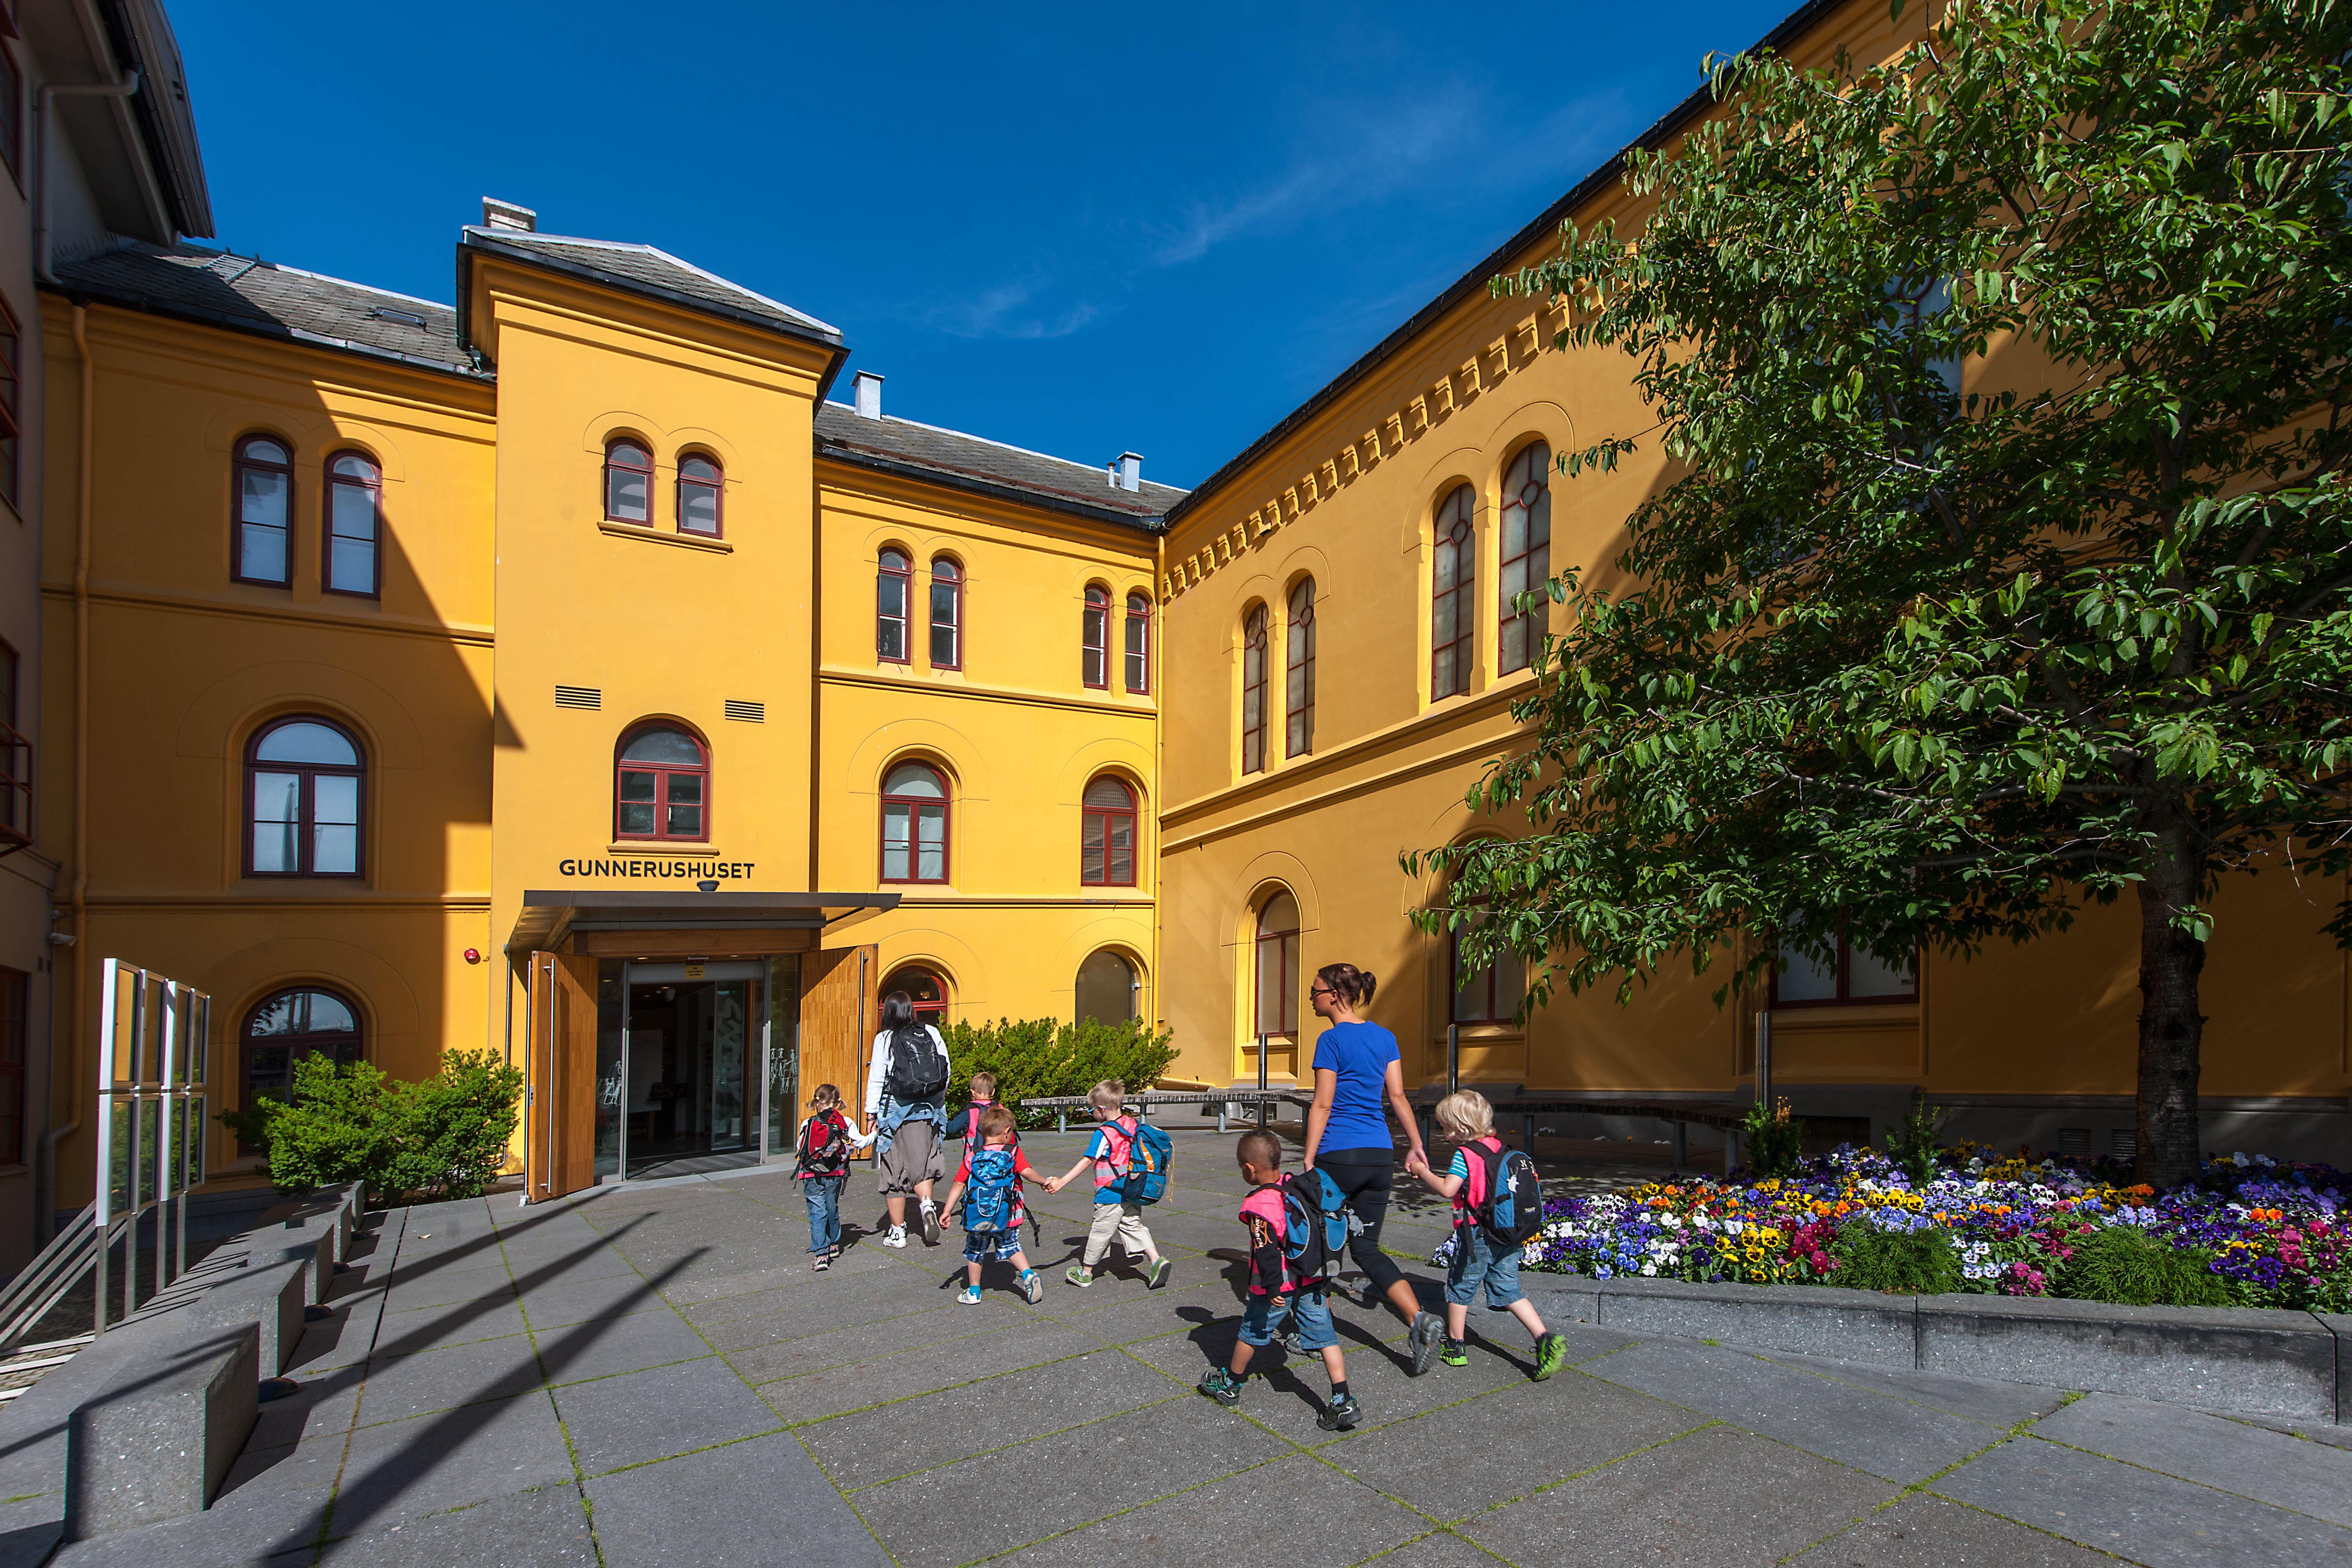 NTNU VItenskapsmuseet/Åge Hojem, NTNU University Museum